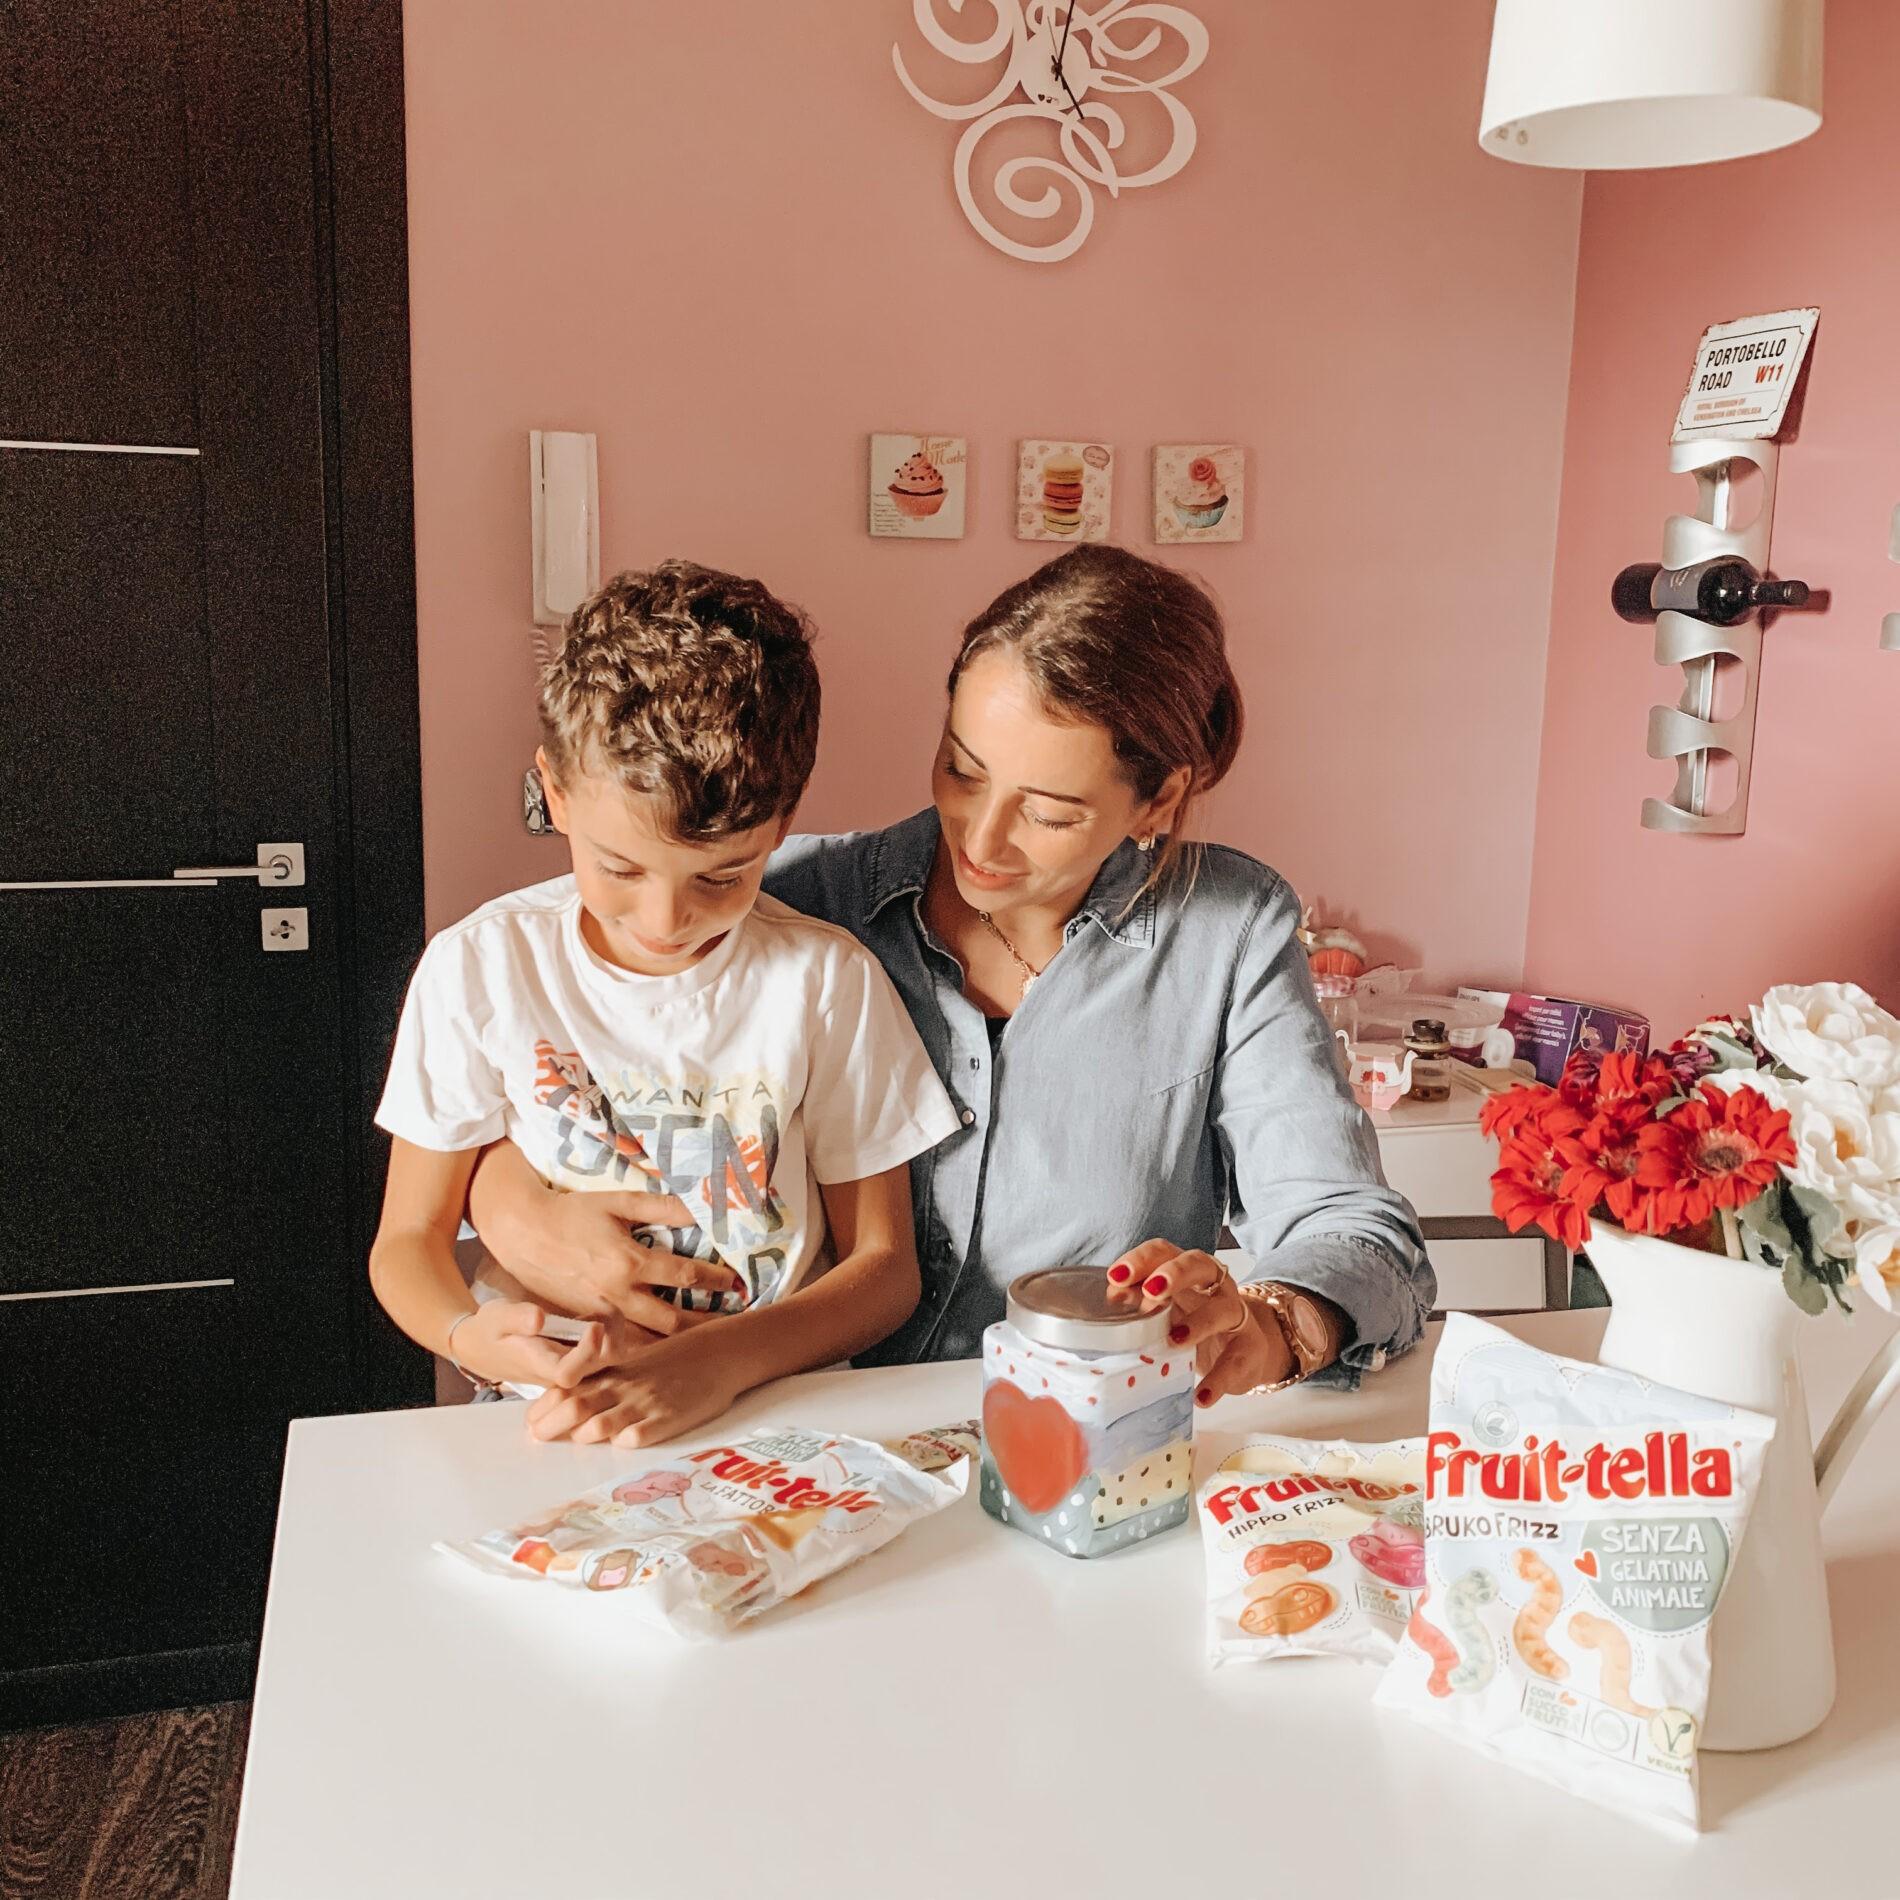 Fruittella caramelle e barattolo del si mamma e figlio